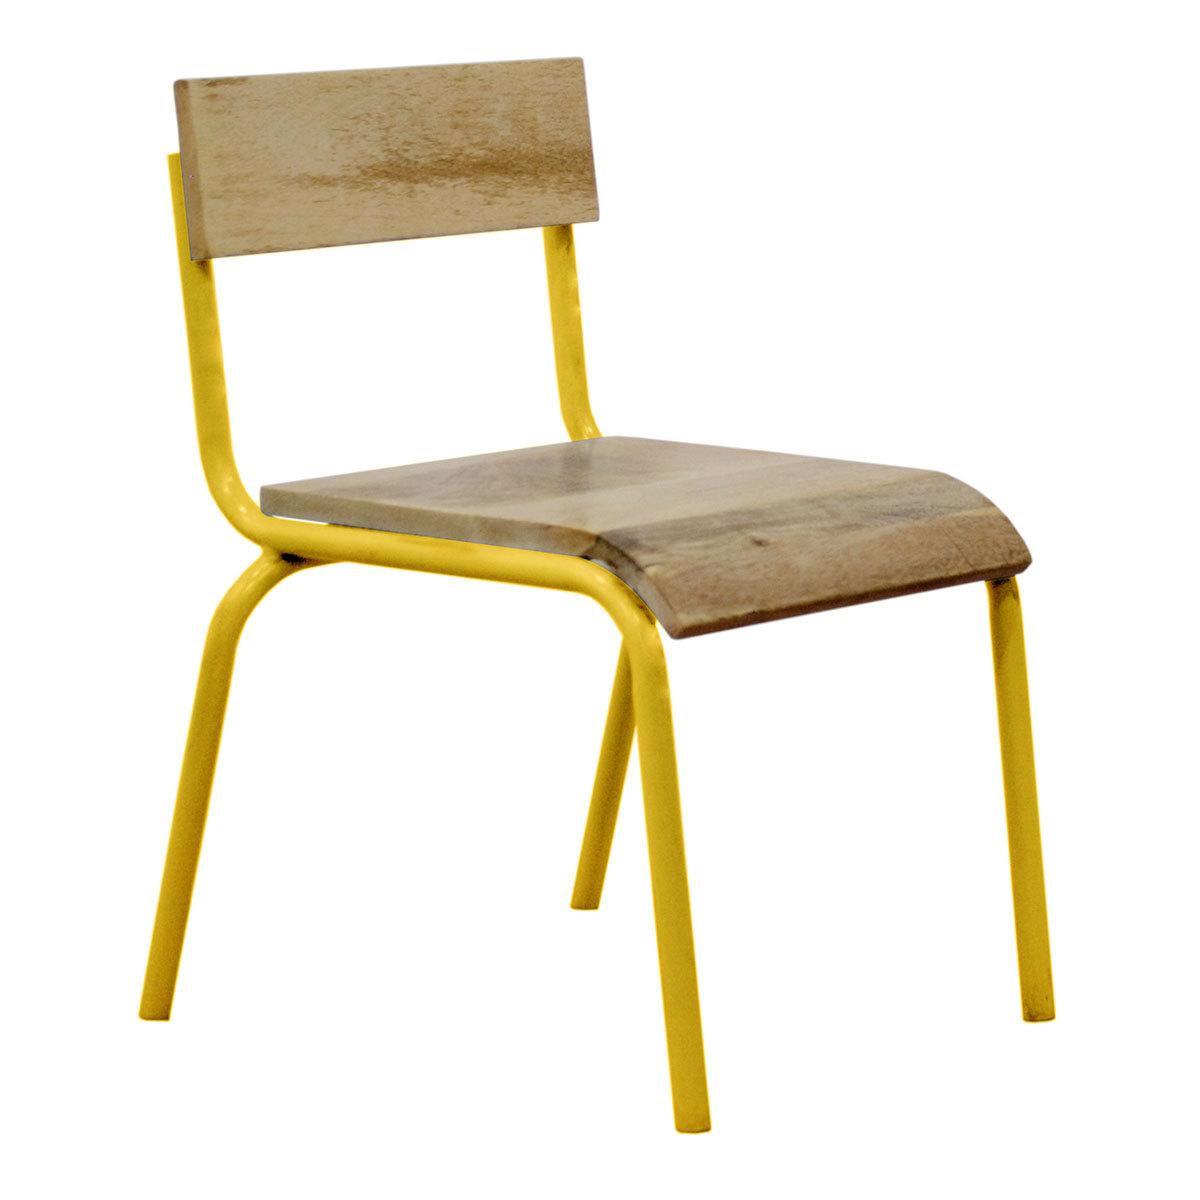 Table & Chaise Chaise d'Écolier - Jaune Chaise d'Écolier - Jaune